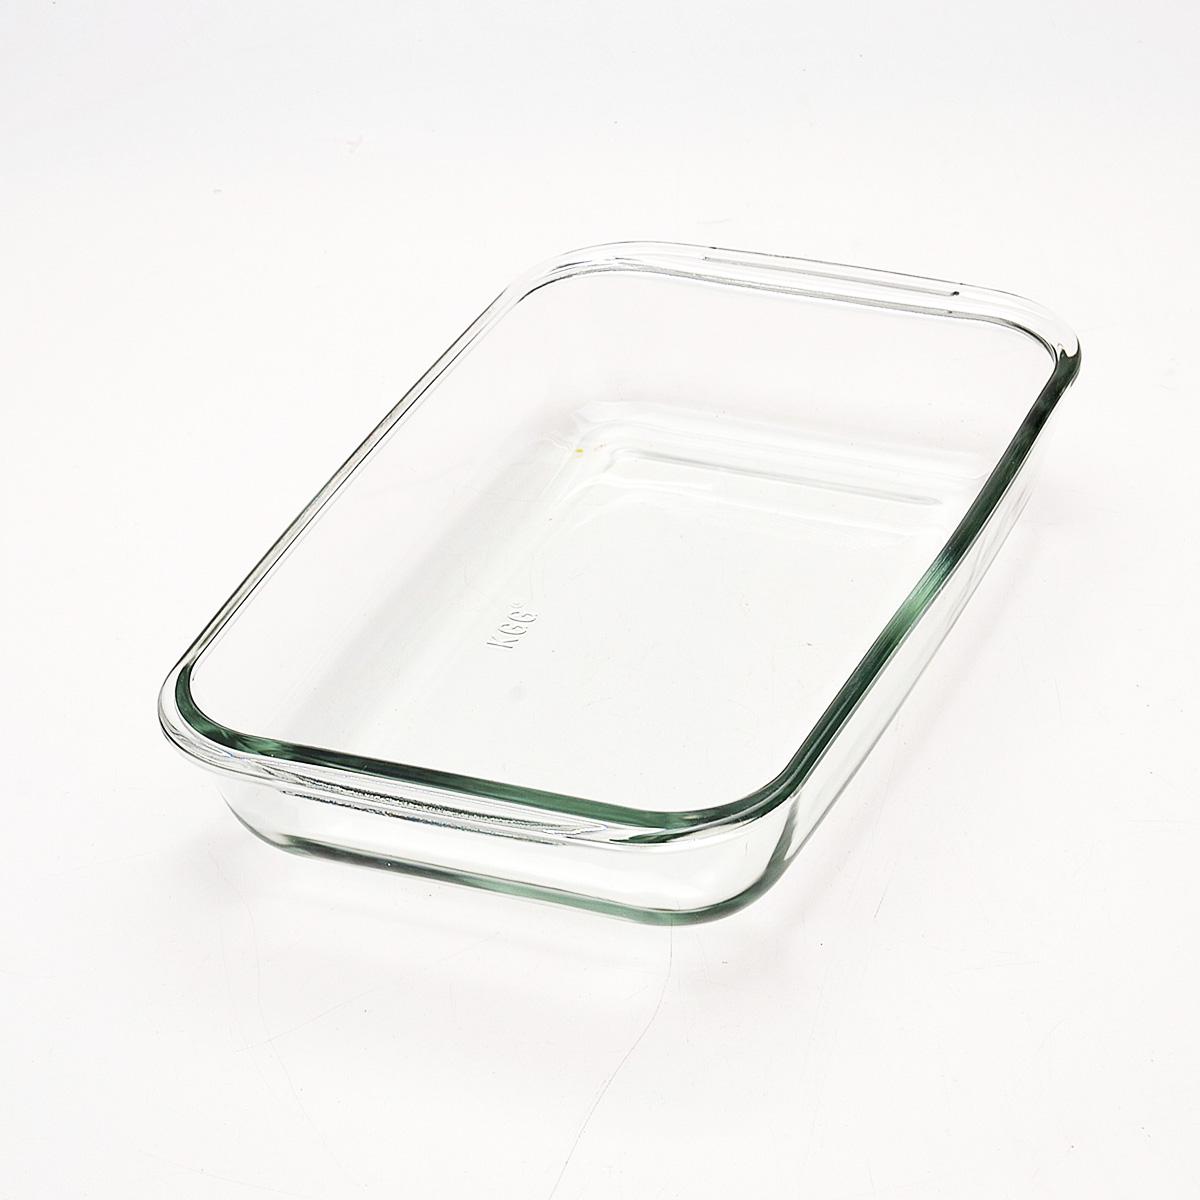 Жаровня Loraine, прямоугольная, 1,6 л20675Прямоугольная жаровня Loraine изготовлена из жаропрочного боросиликатного прозрачного стекла. Стеклянная посуда идеальна для запекания, так как стекло - это экологически чистый, износостойкий и долговечный материал, к которому не прилипает пища, в такой посуде пища сохраняет все свои полезные вещества и микроэлементы. Емкость идеальна для запекания в духовке птицы и мяса, для приготовления лазаньи, запеканки и даже пирогов. С жаровней Loraine вы всегда сможете порадовать своих близких оригинальной выпечкой.Подходит для использования в духовке при температуре до +400°С, в морозильной камере при температуре до -40°С. Можно использовать в микроволновой печи. Подходит для мытья в посудомоечной машине. Размер (с учетом ручек): 29,6 см х 17,9 см. Размер (без учета ручек): 26 см х 16,5 см. Высота стенки: 5 см.